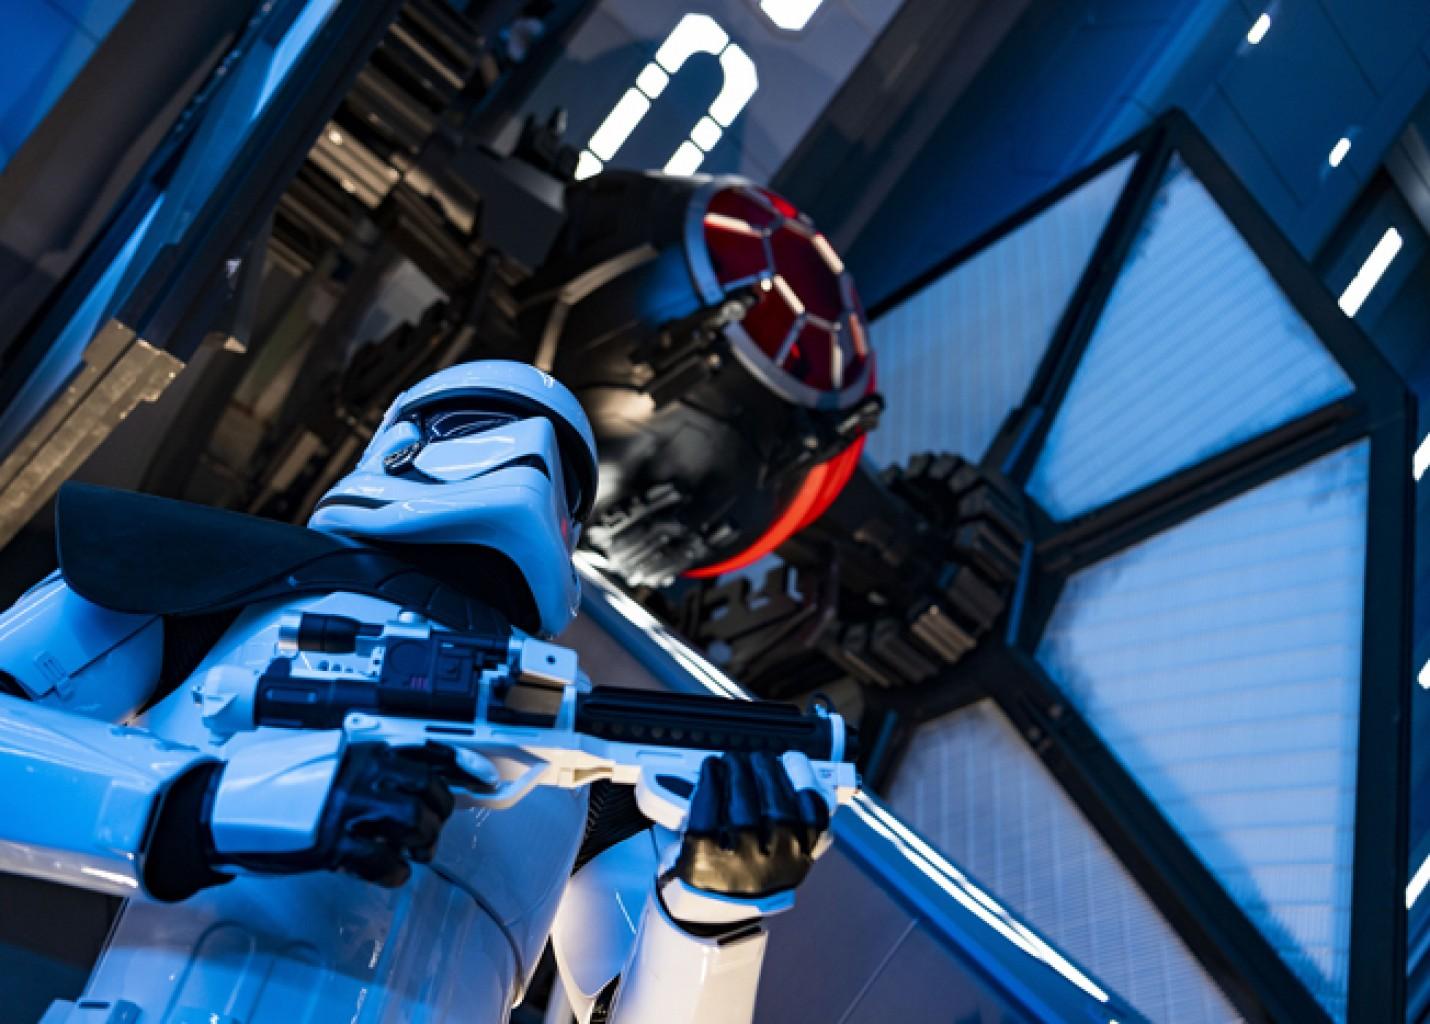 Disney reduzirá capacidade e horários de fila virtual da atração de Star Wars